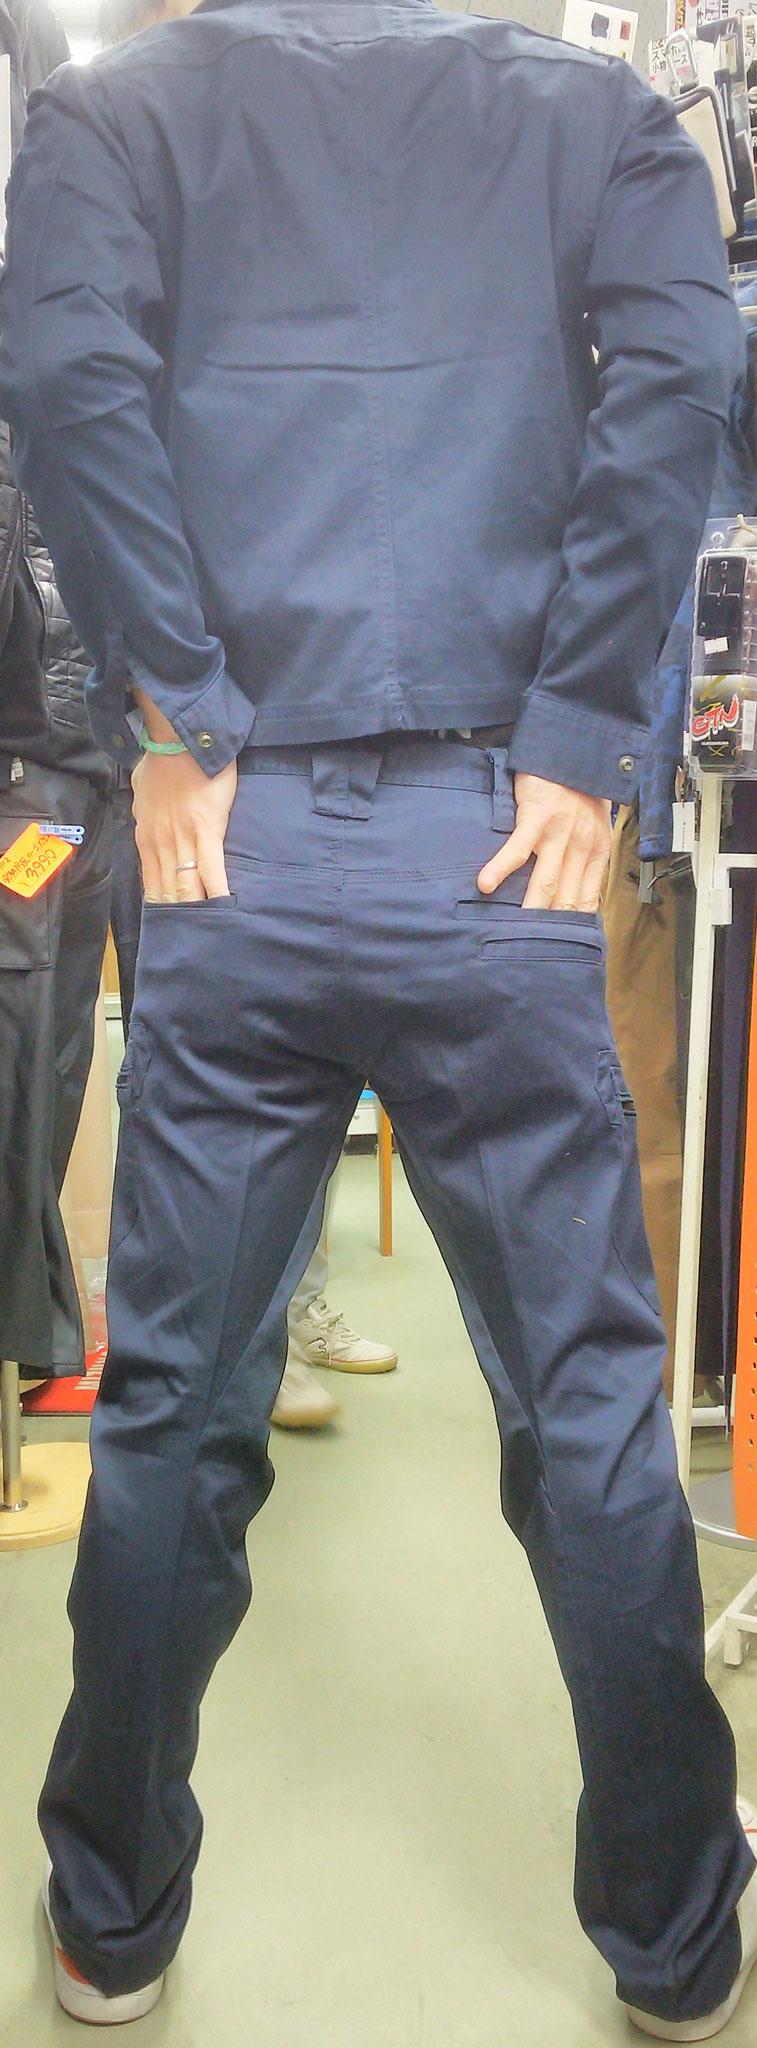 EVEN RIVER~イーブンリバー~着てみました。ズボンは3Dカットで、タイトなのに動きやすいです。